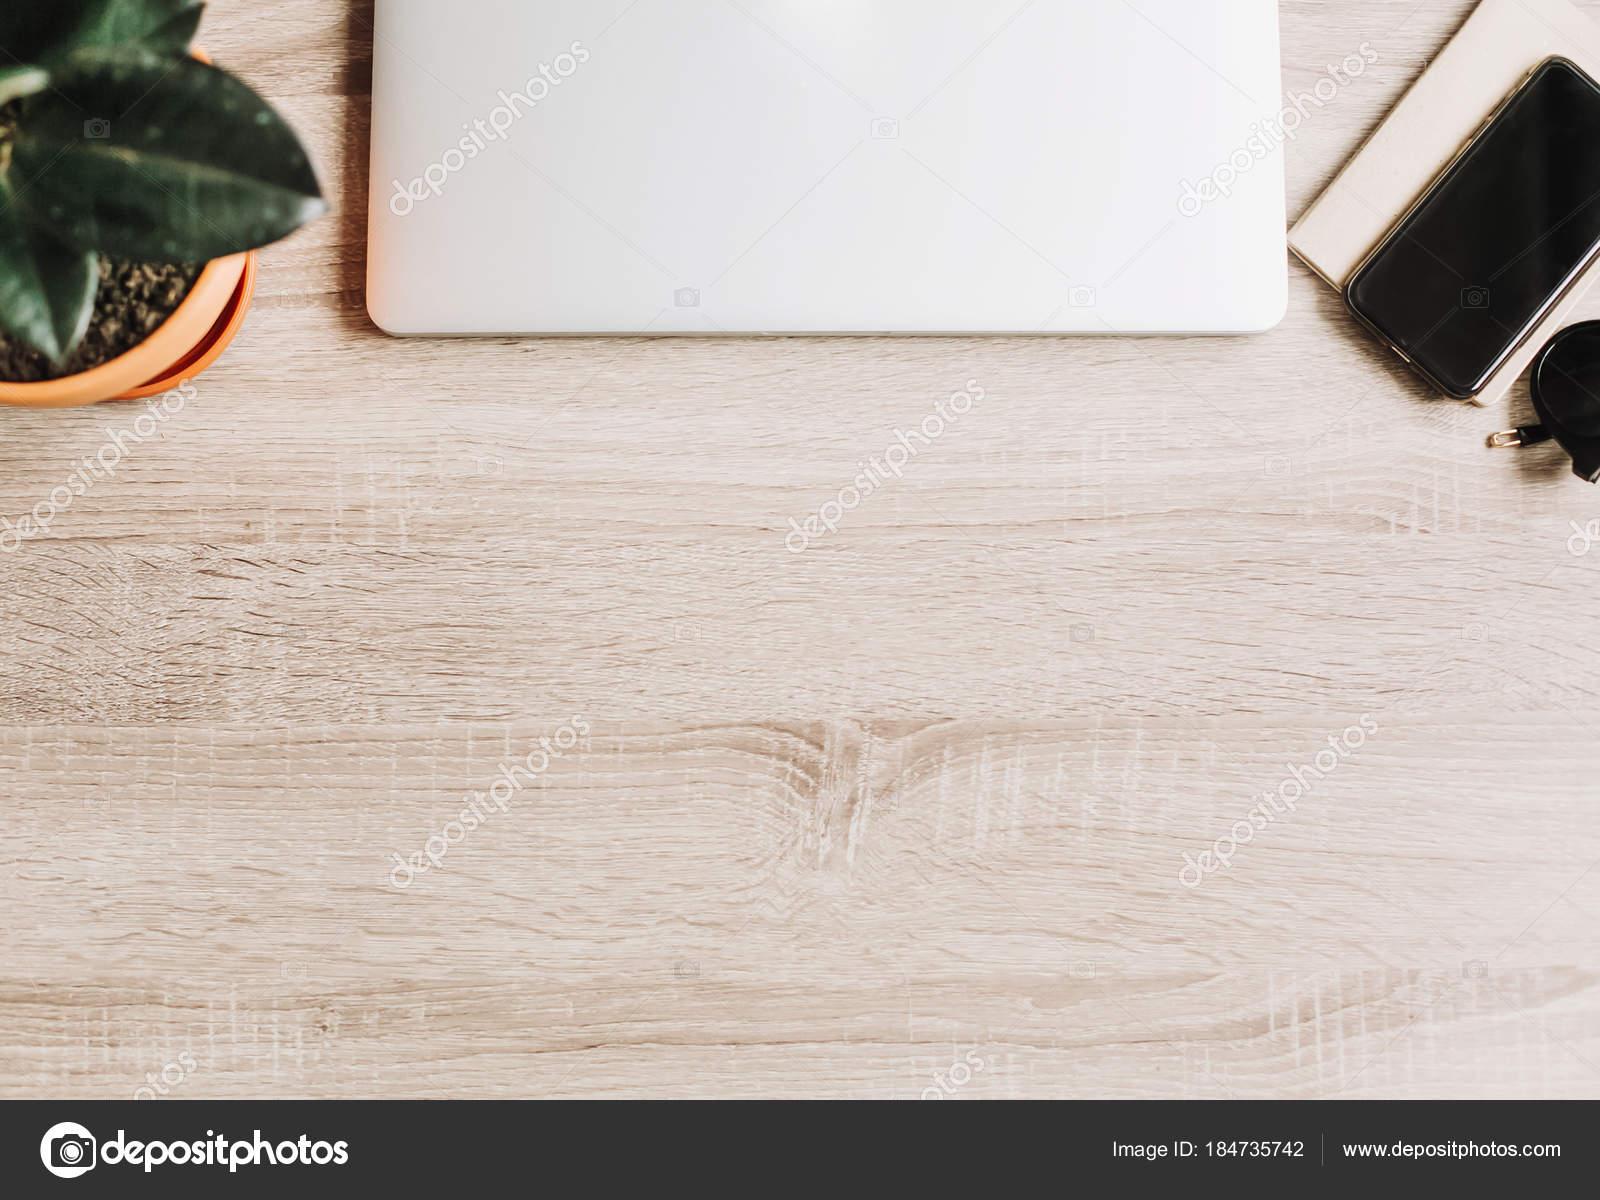 Scrivania Ufficio Elegante : Scrivania ufficio libero professionista con computer portatile